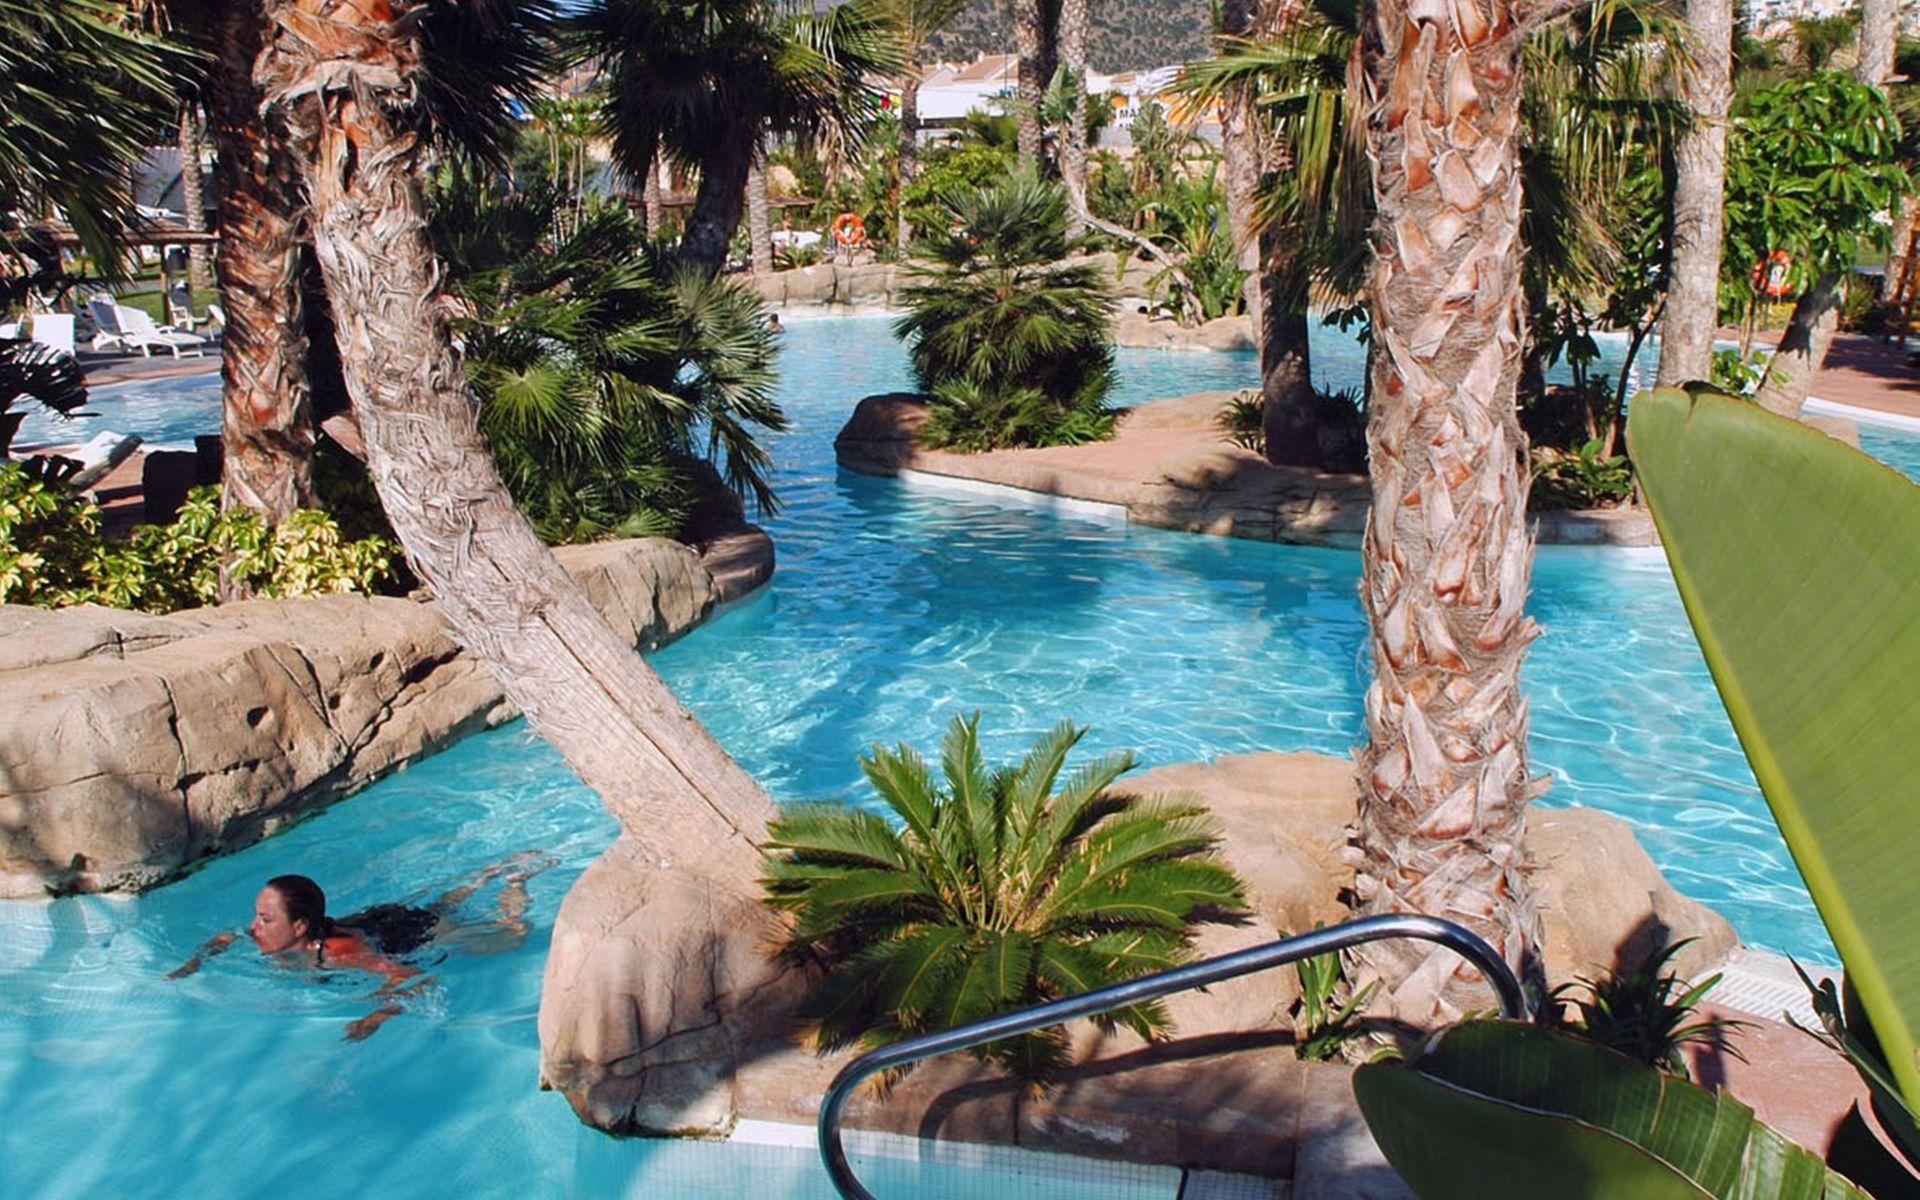 Hotel melia benidorm en benidorm costa blanca desde 37 for Piscinas benidorm